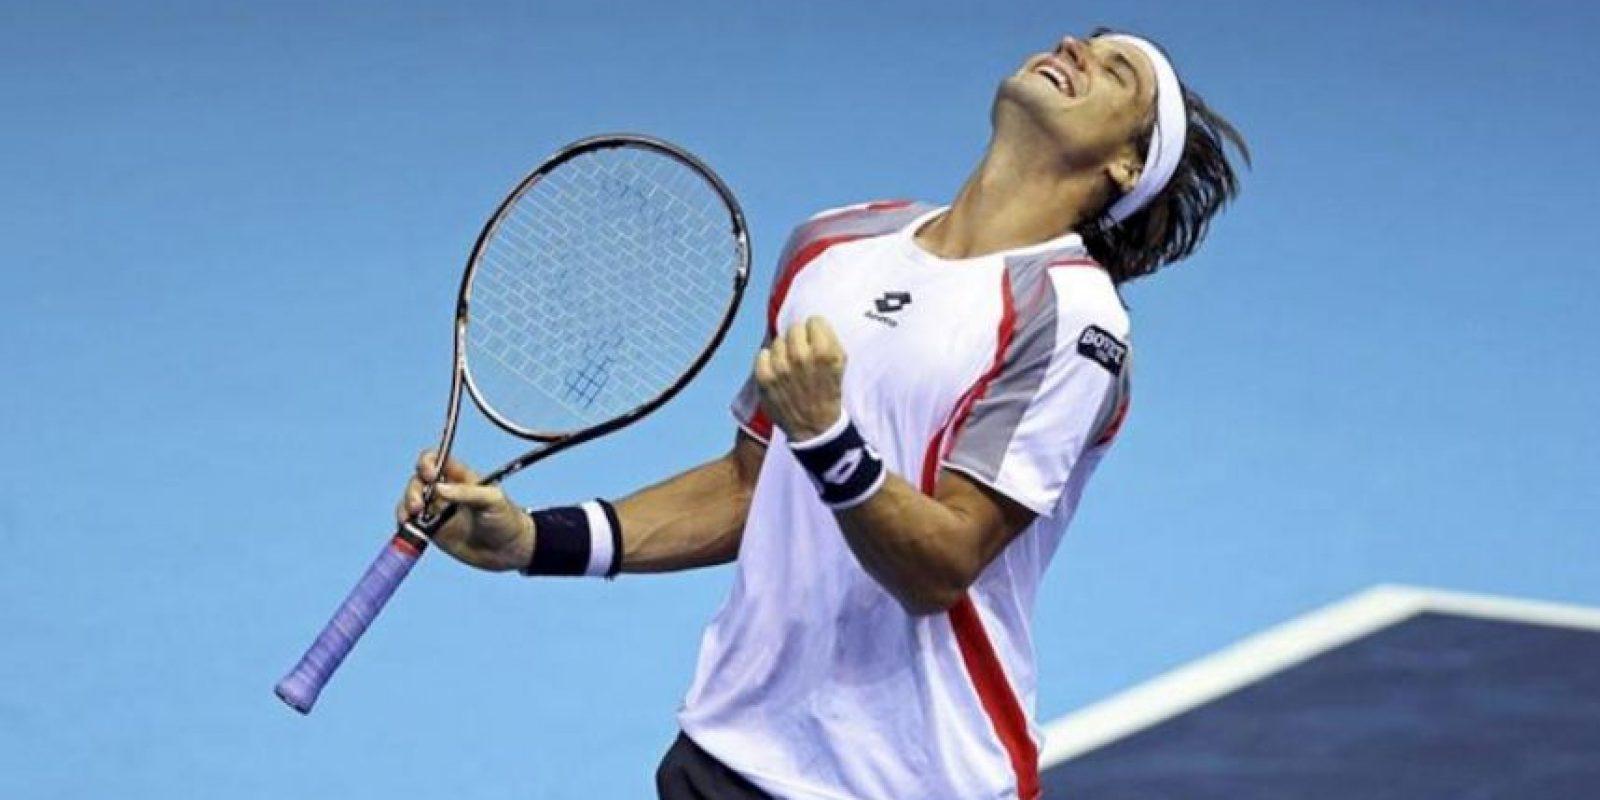 El tenista David Ferrer celebra su victoria ante el croata Ivan Dodig en la primera semifinal del Valencia Open 500 disputada esta tarde en la pista central del Ágora de la Ciudad de las Ciencias de Valencia. Ferrer venció por 6-4, 6-7(5) y 6-1. EFE